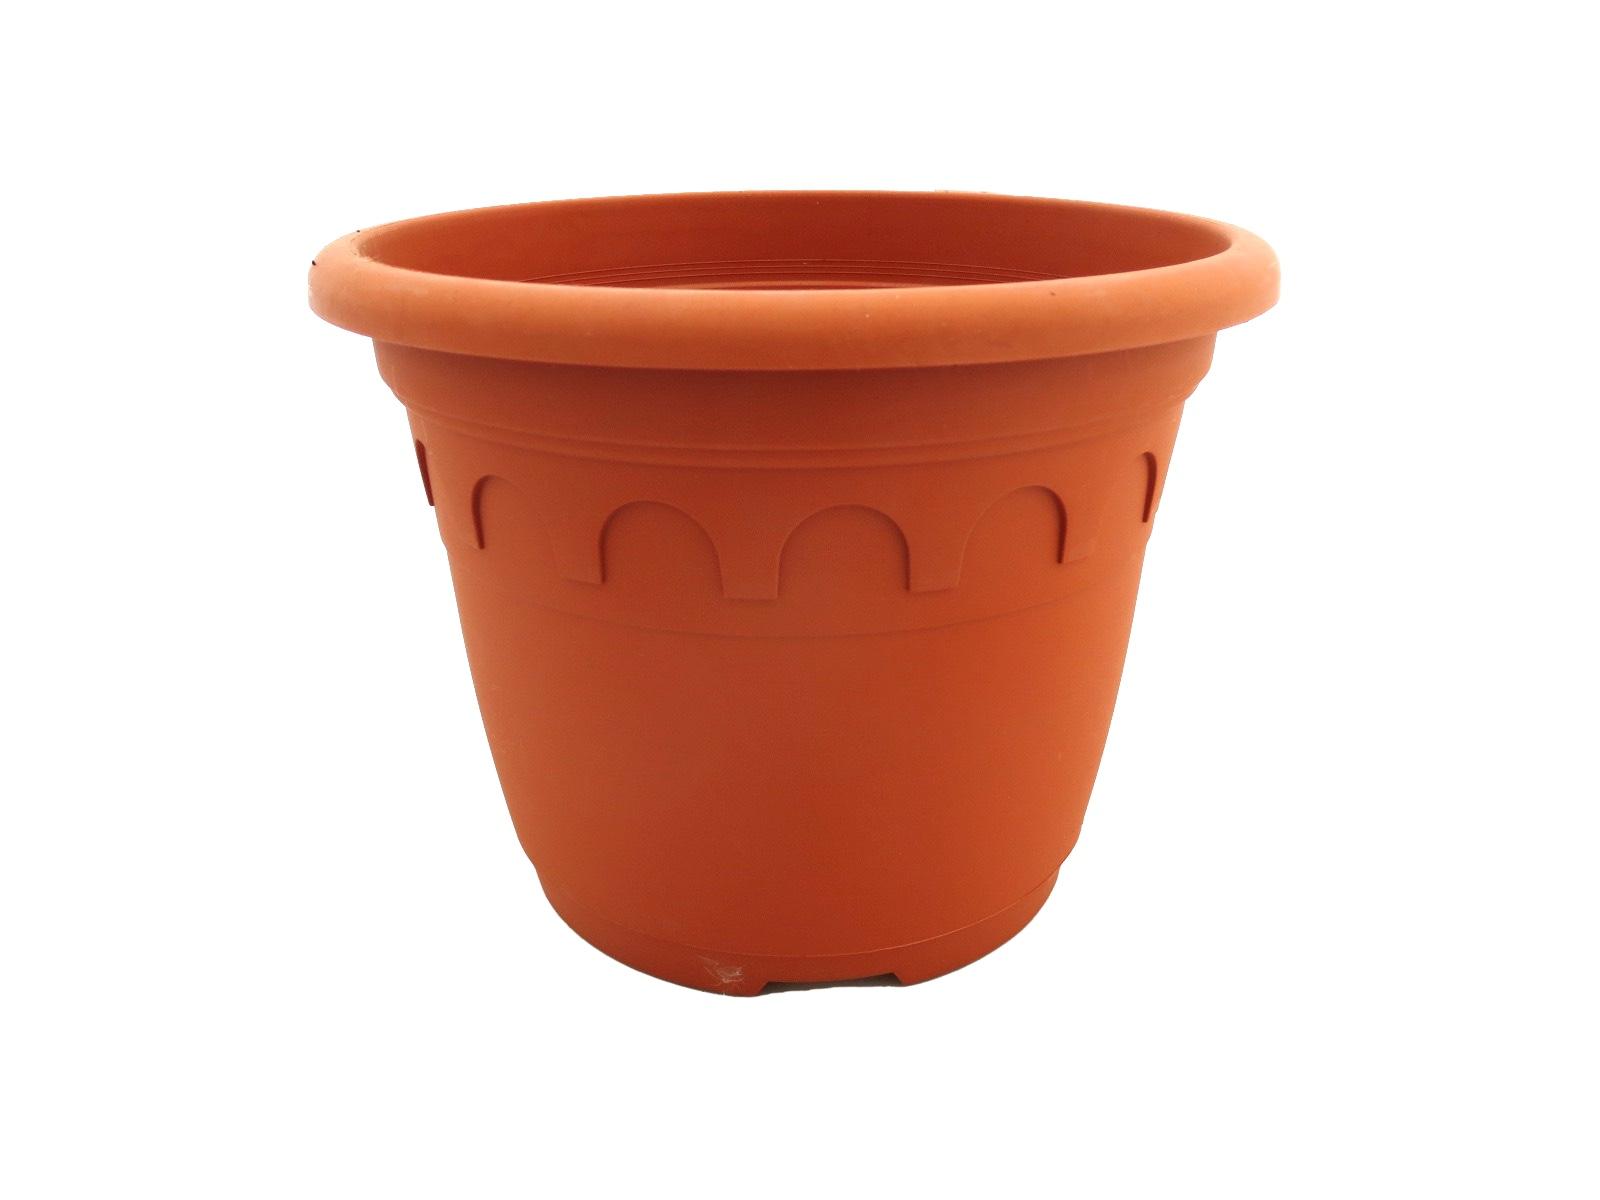 Romatopf Kunststoff Terrakotta-Optik 4,6 Liter